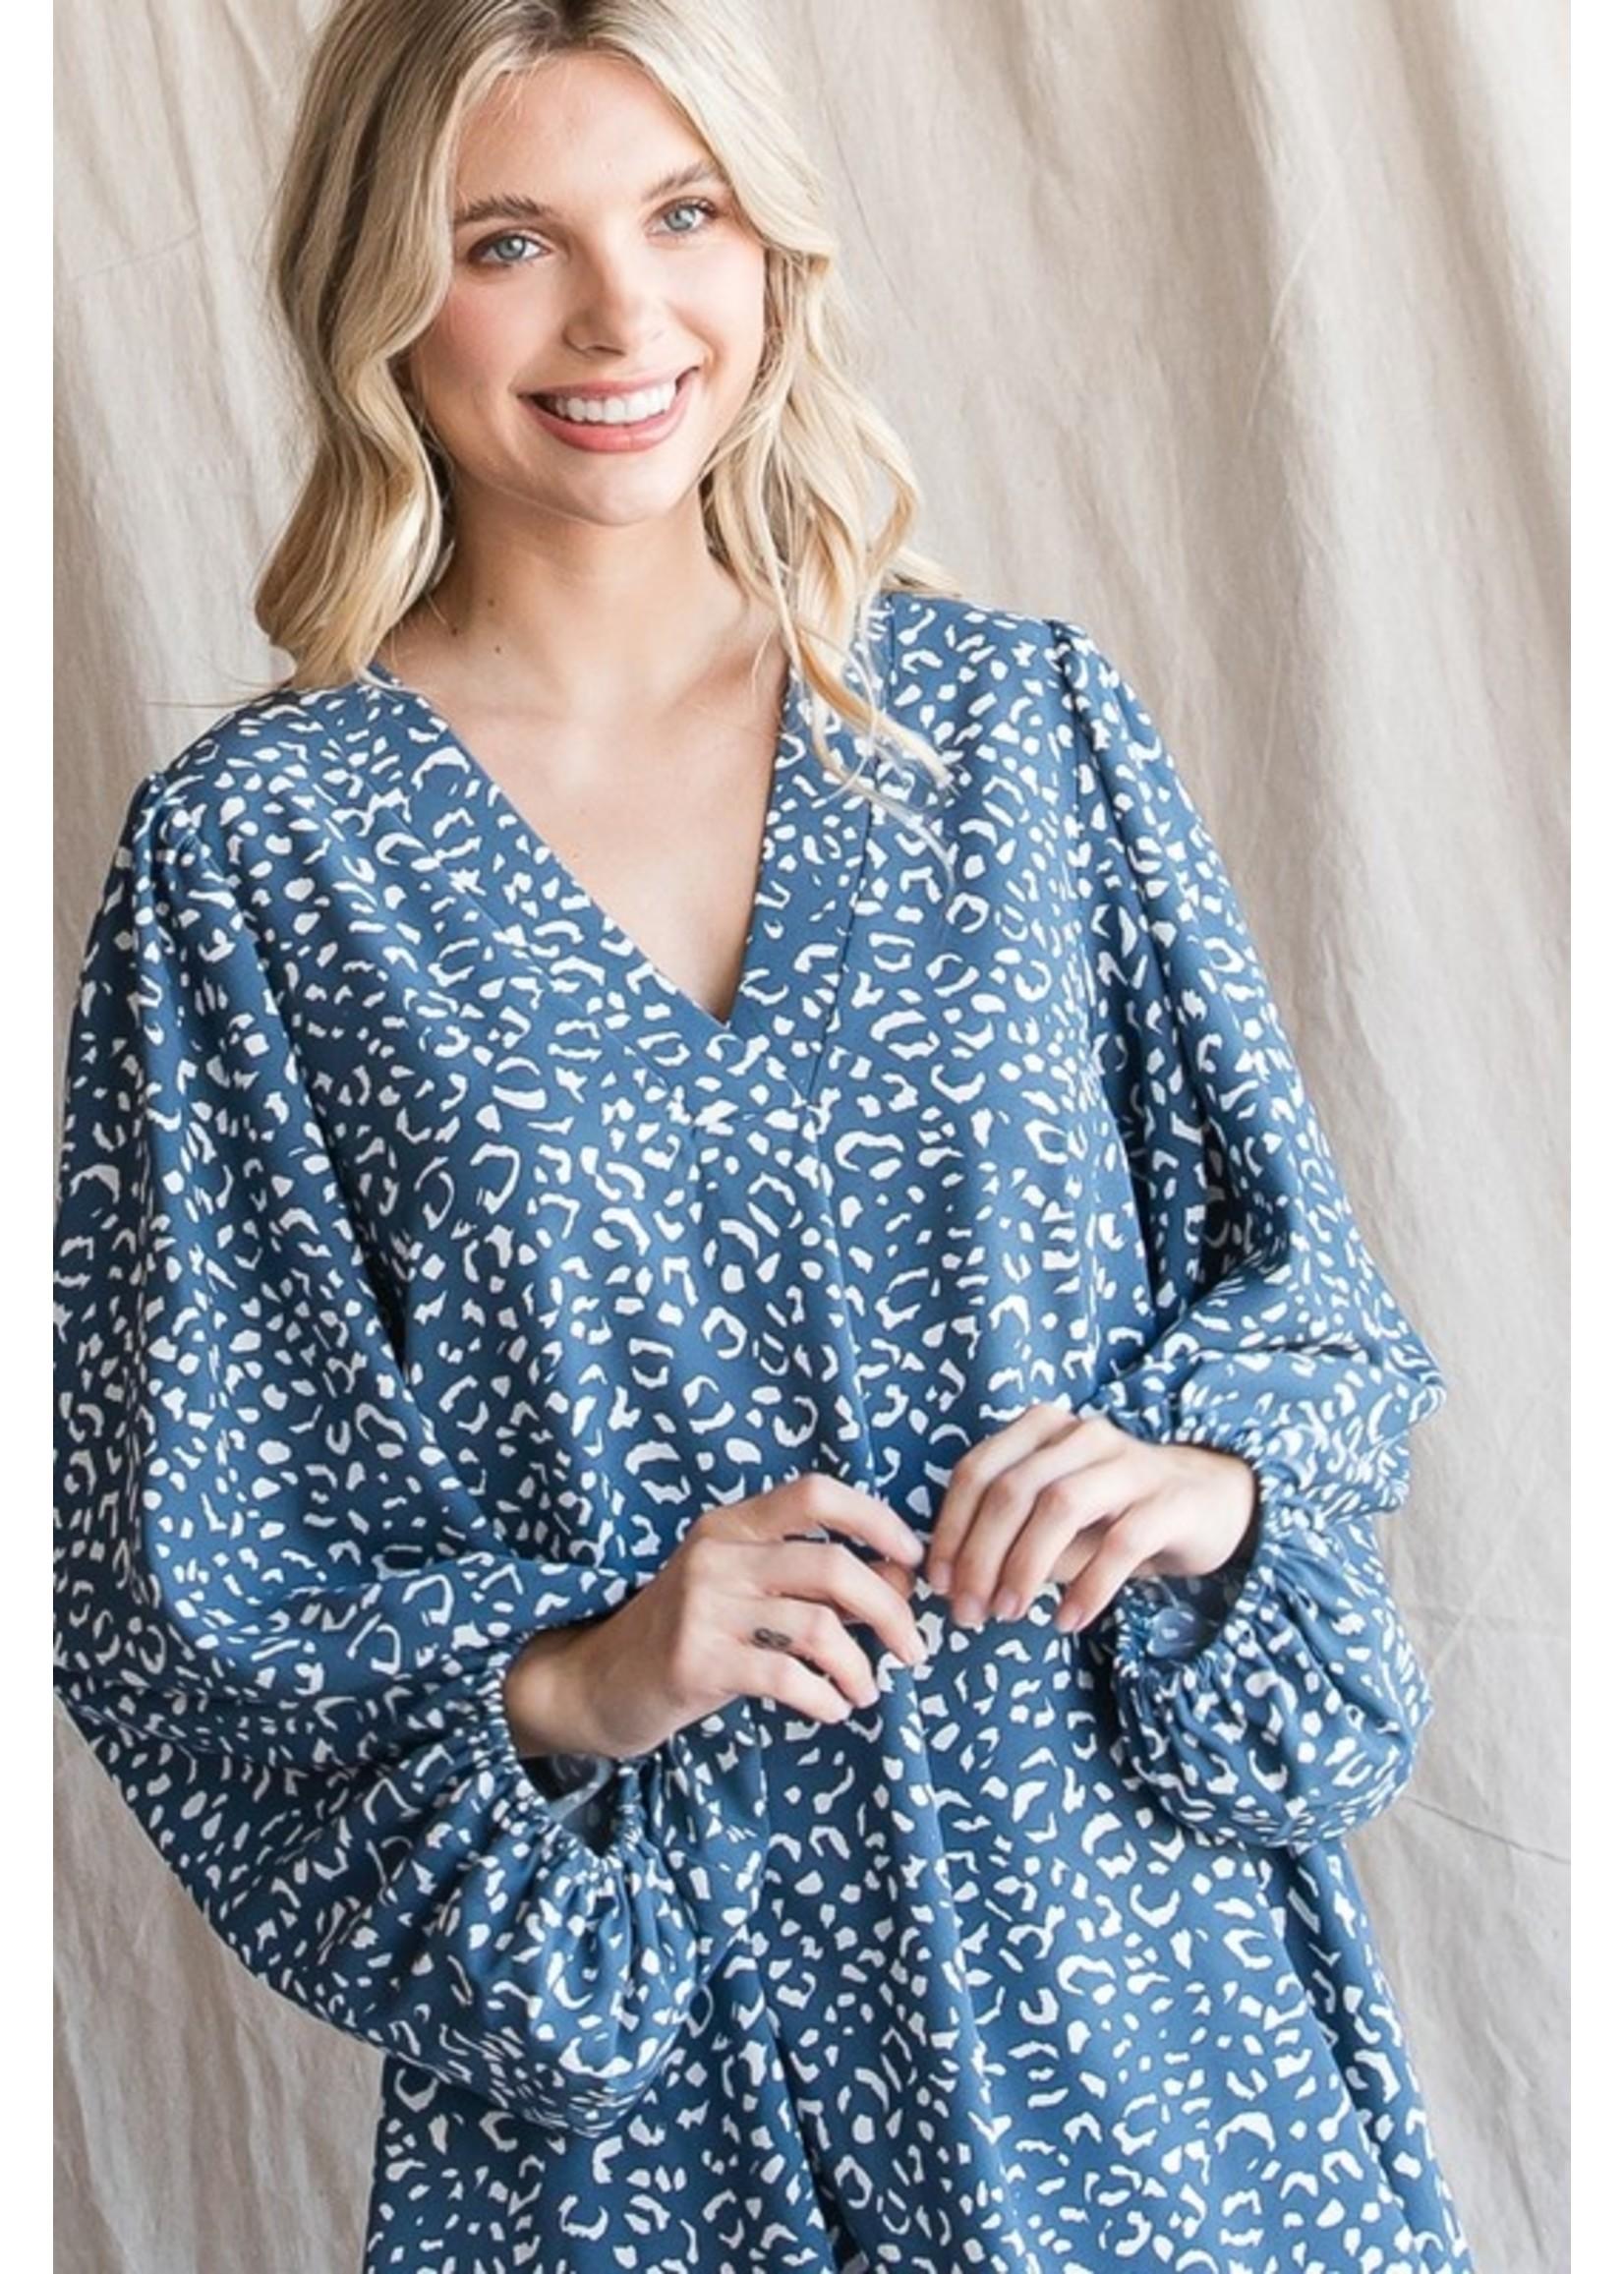 Jodifl Leopard Print Dress